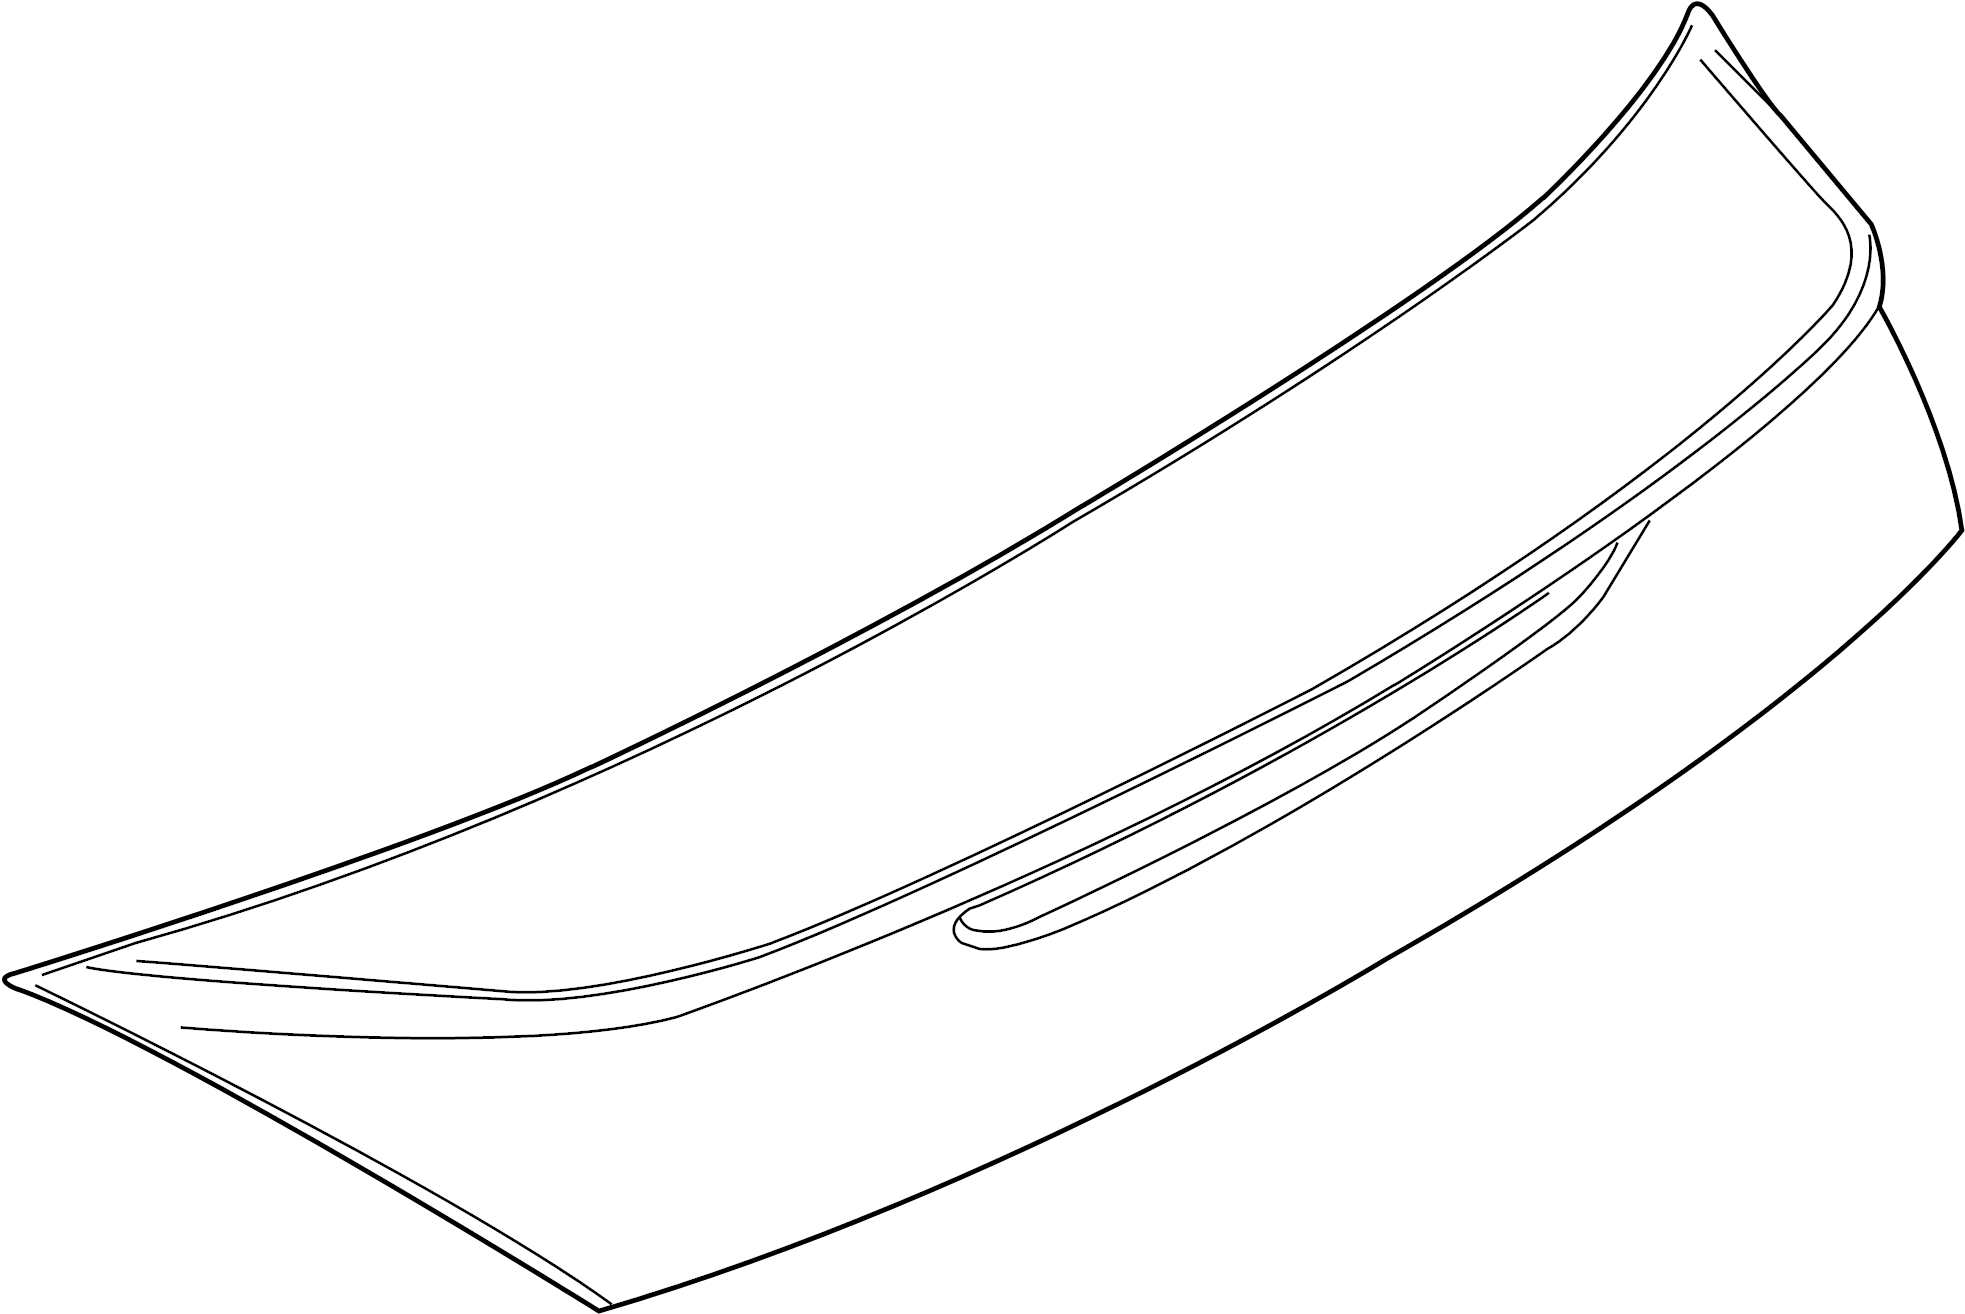 Nissan 370z Spoiler Rear Version